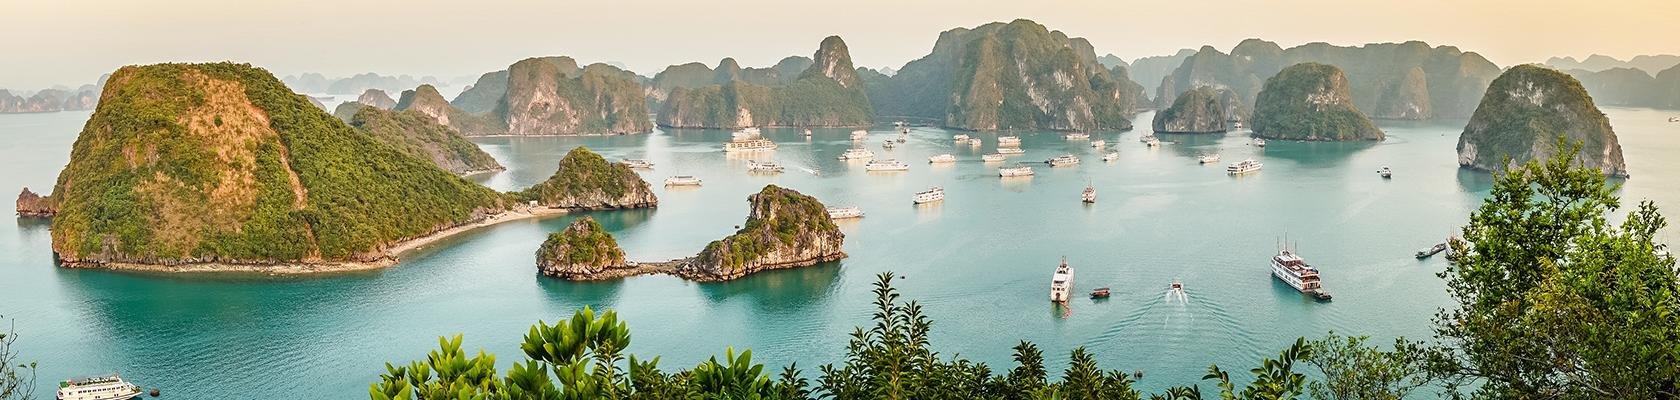 Rondreizen Vietnam met Halong Bay